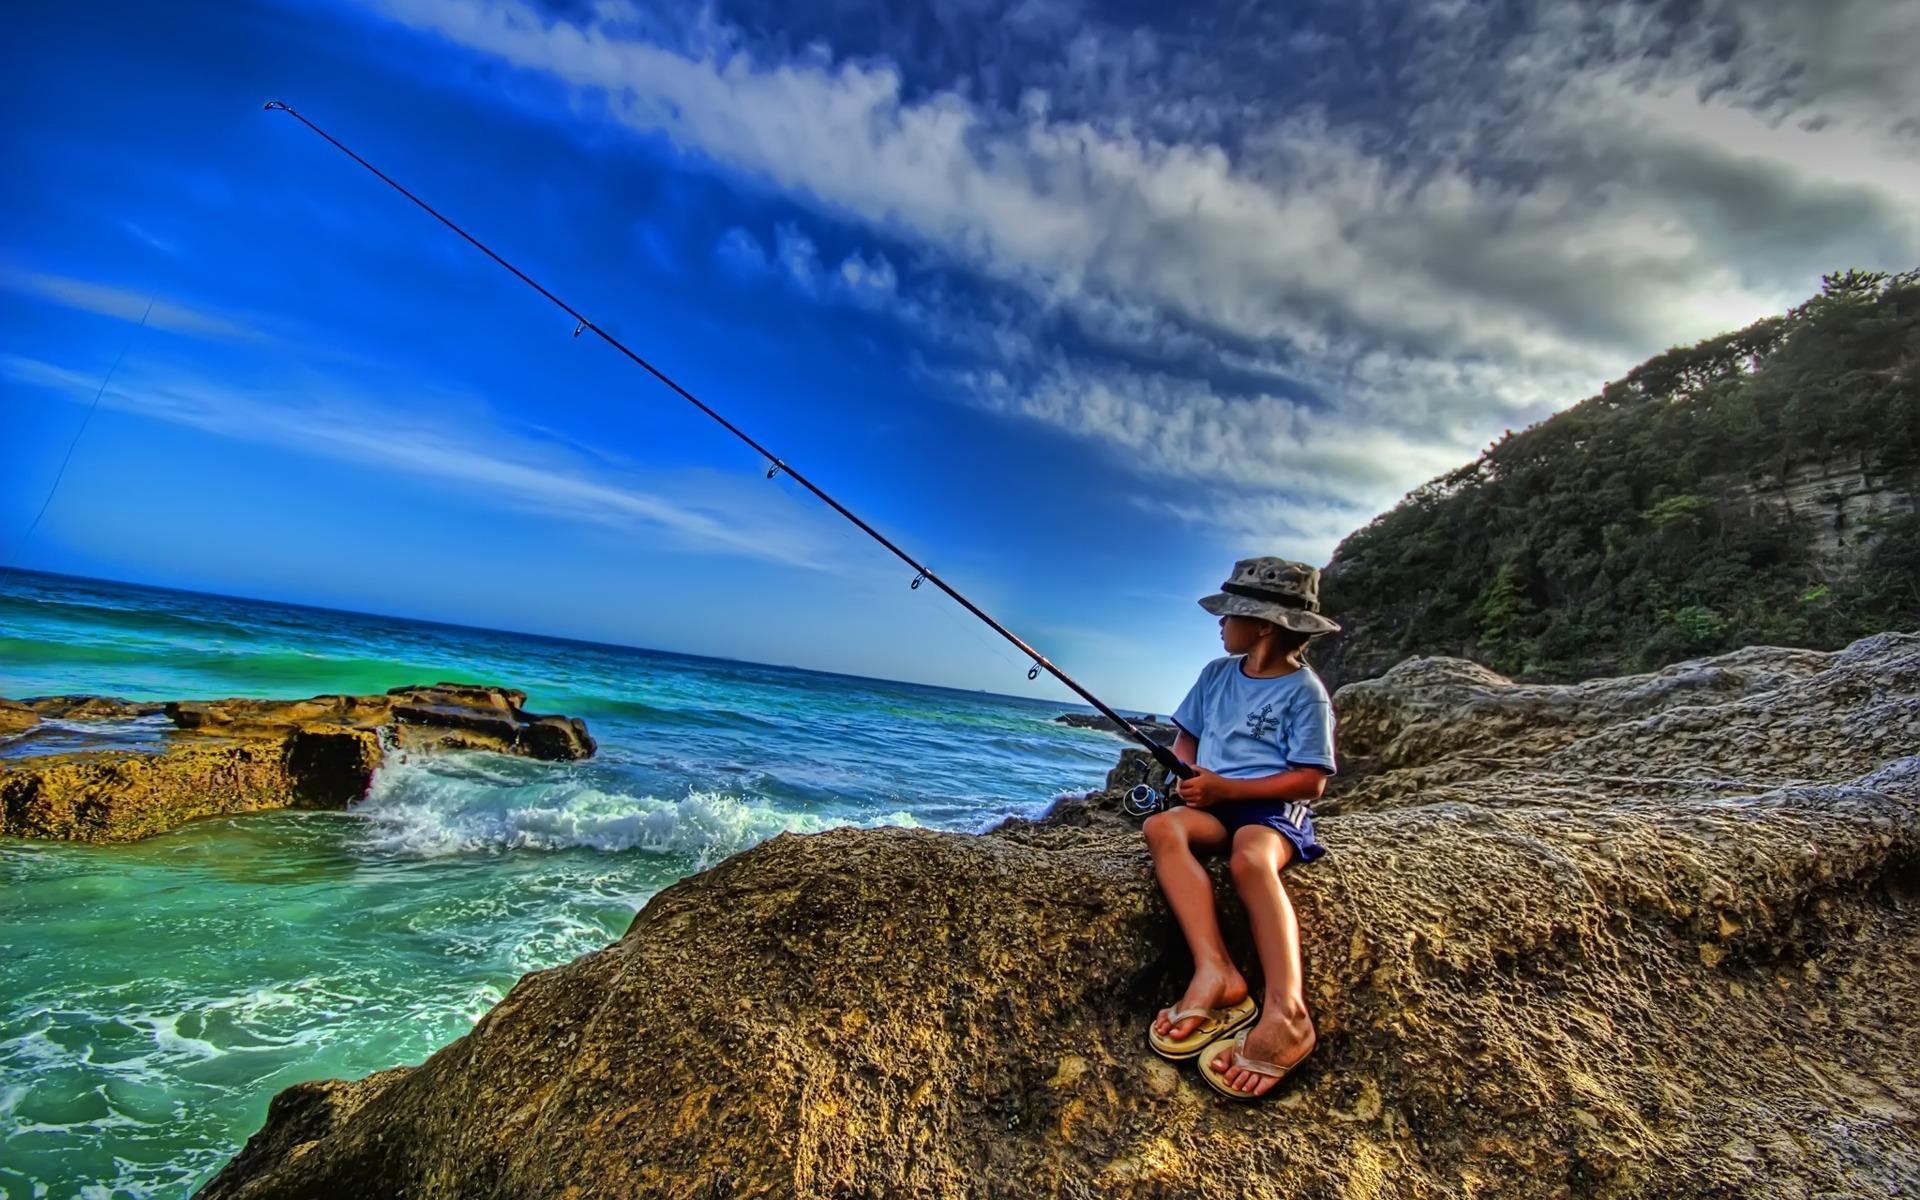 Bass Fishing Wallpapers Hd Png 1920x1200